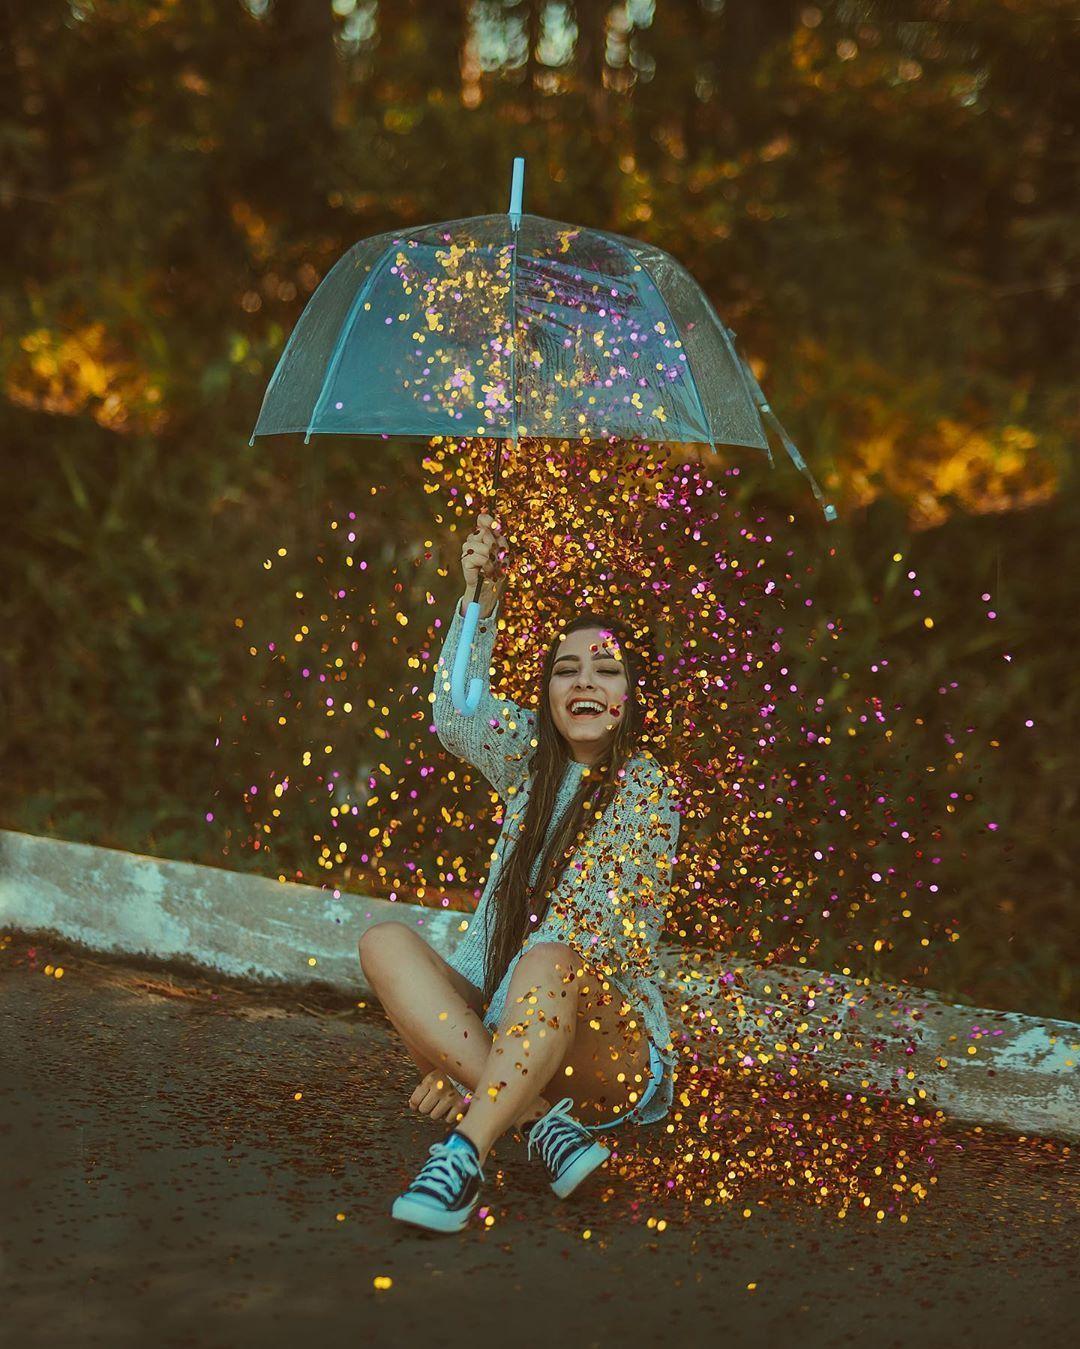 """Igor Ache – Fotografie auf Instagram: """"Glitzernder Regen ist mit igoraxiiii 🤪✨✨✨ Aahh, der Regenschirm kam mit dieser GÖTTIN zurück …"""